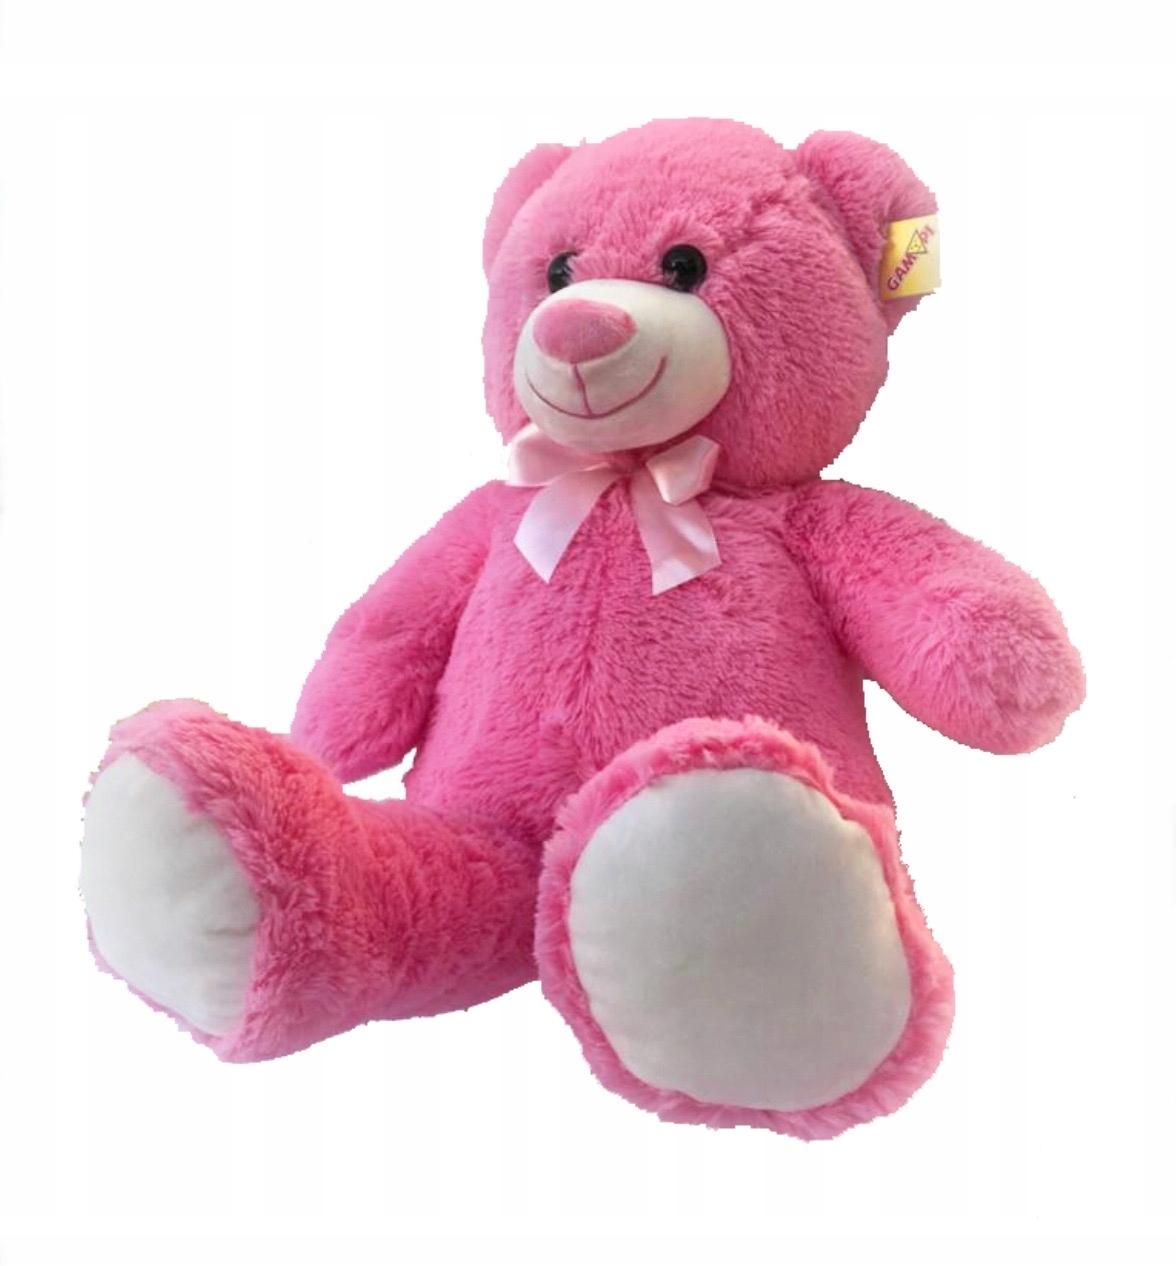 BIG Teddy Bear Plush Toy 80CM 14728